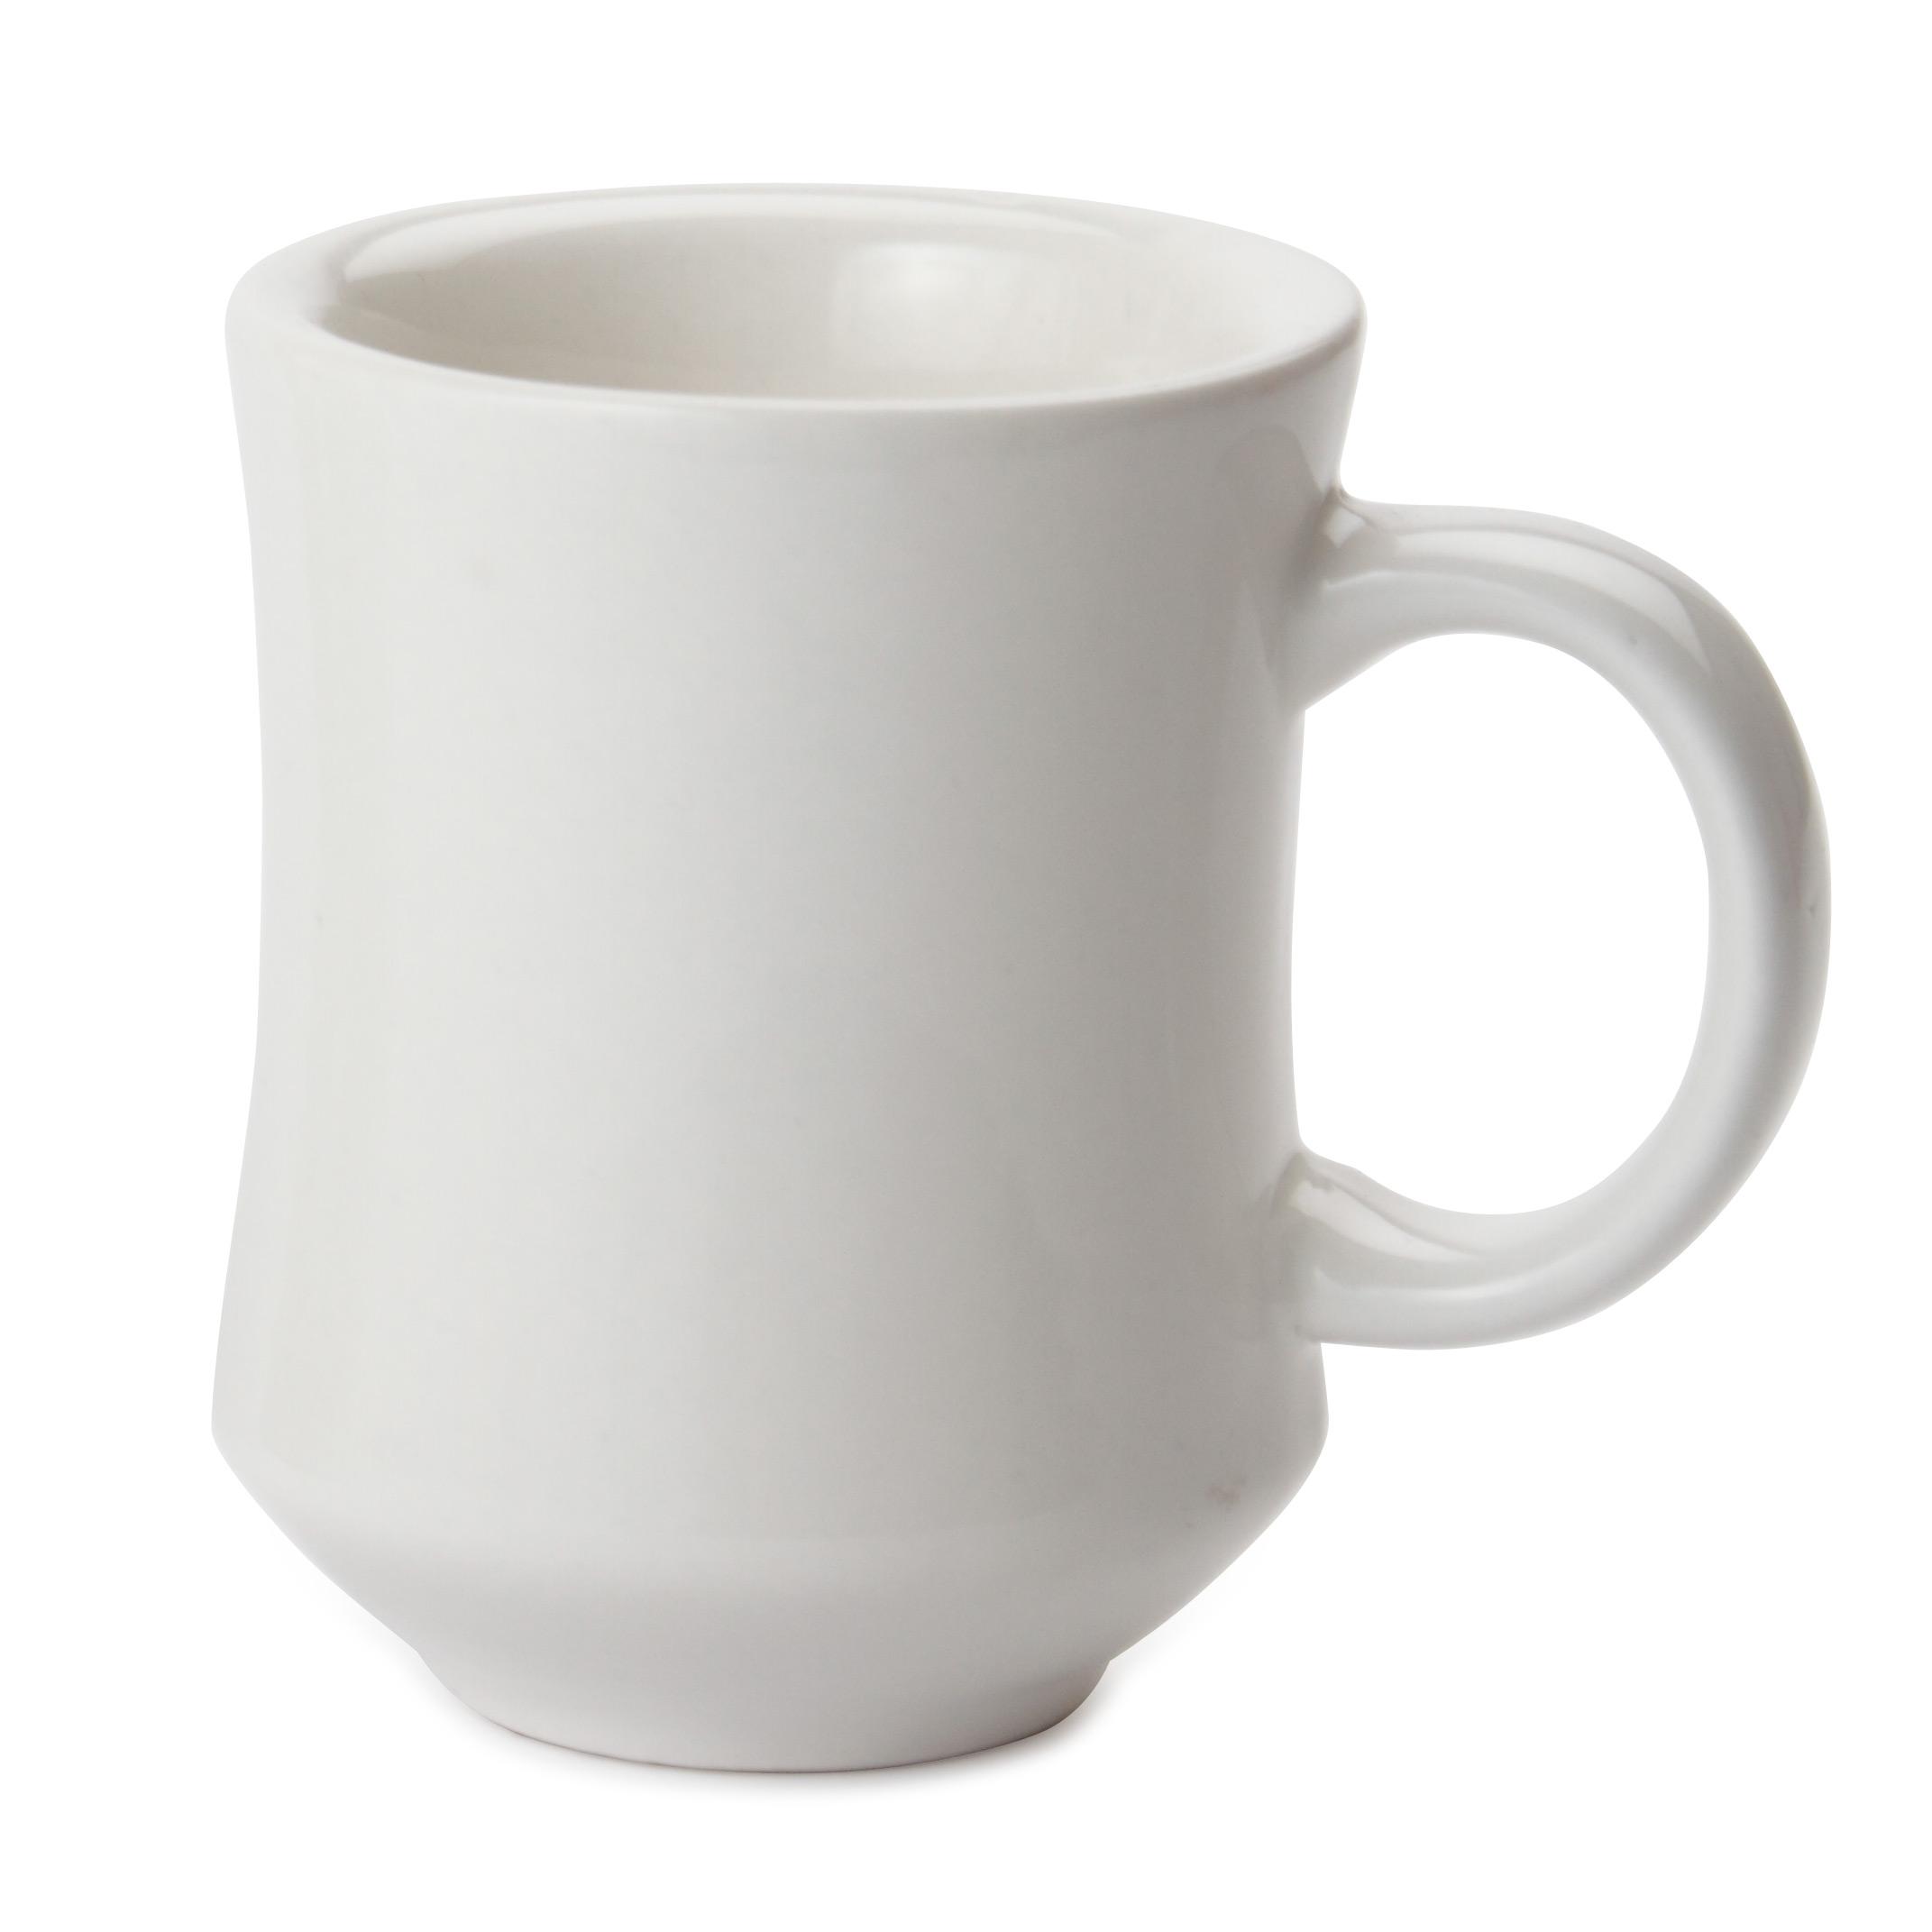 Royal Industries ROY P WHT mug, china